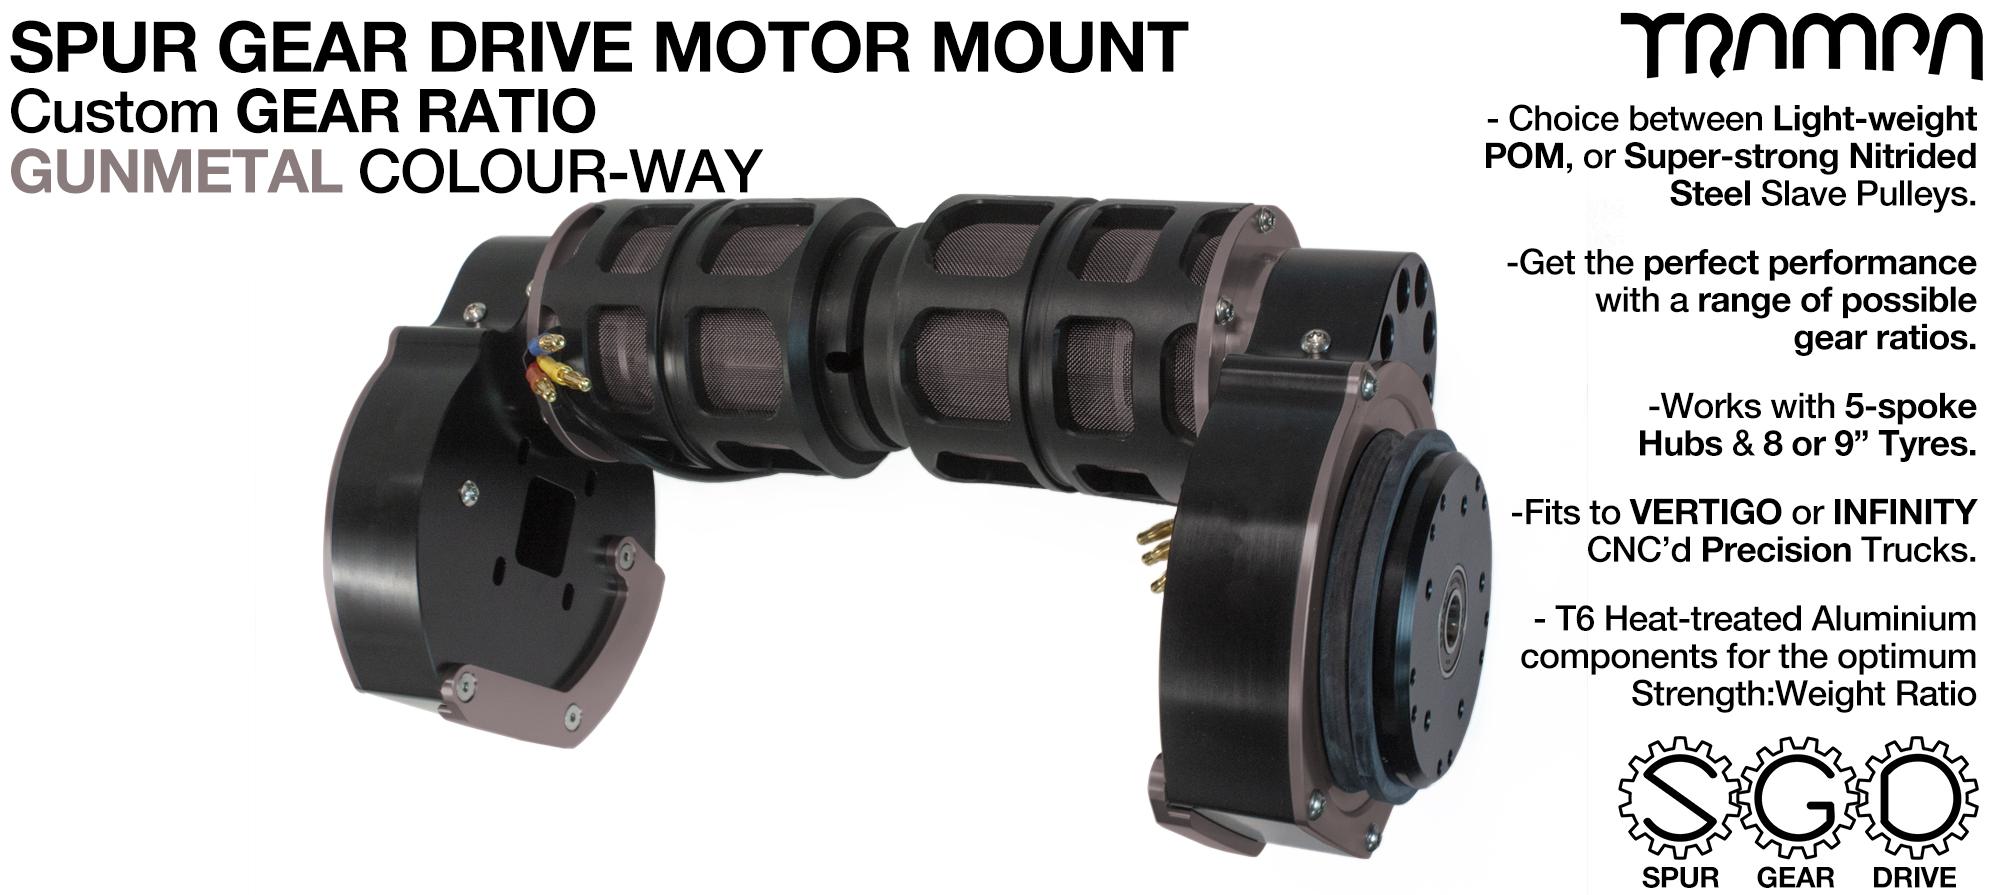 Mountainboard Spur Gear Drive TWIN Motor Mount - GUNMETAL